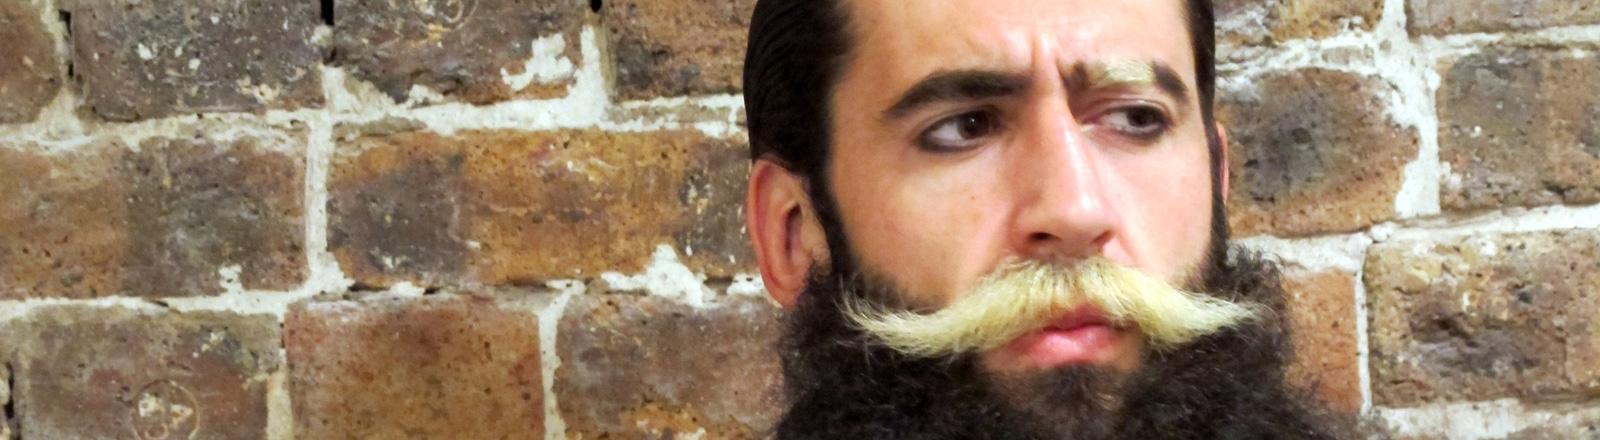 Mann mit künstlichem Bart